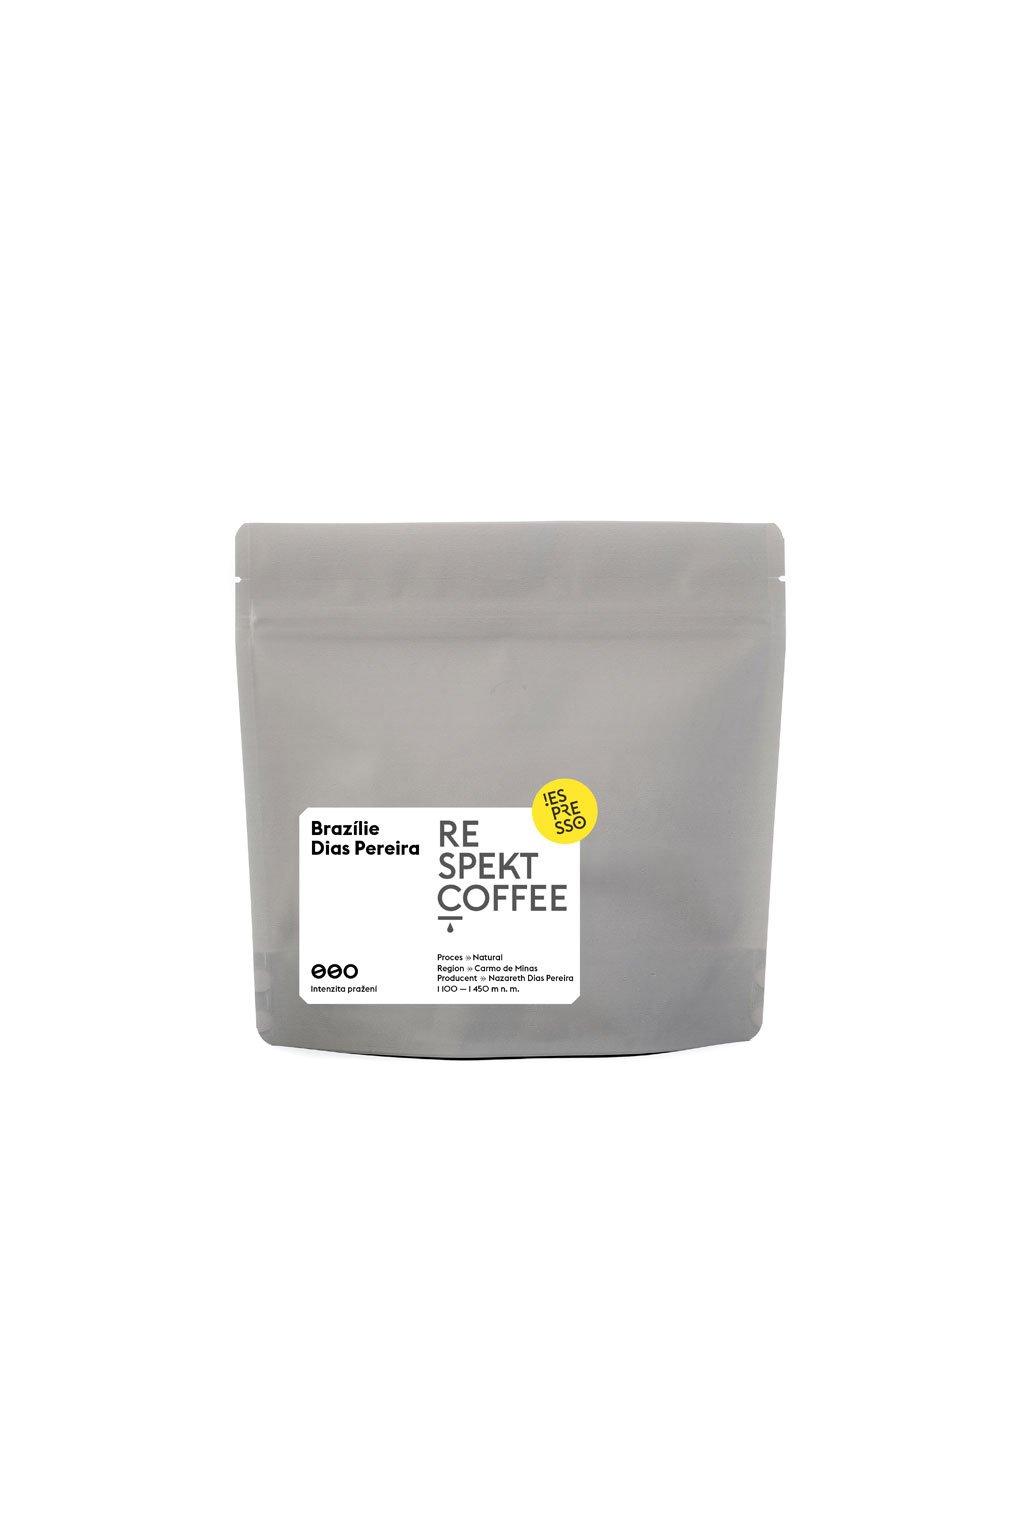 Brazílie Dias Pereira 250g espresso